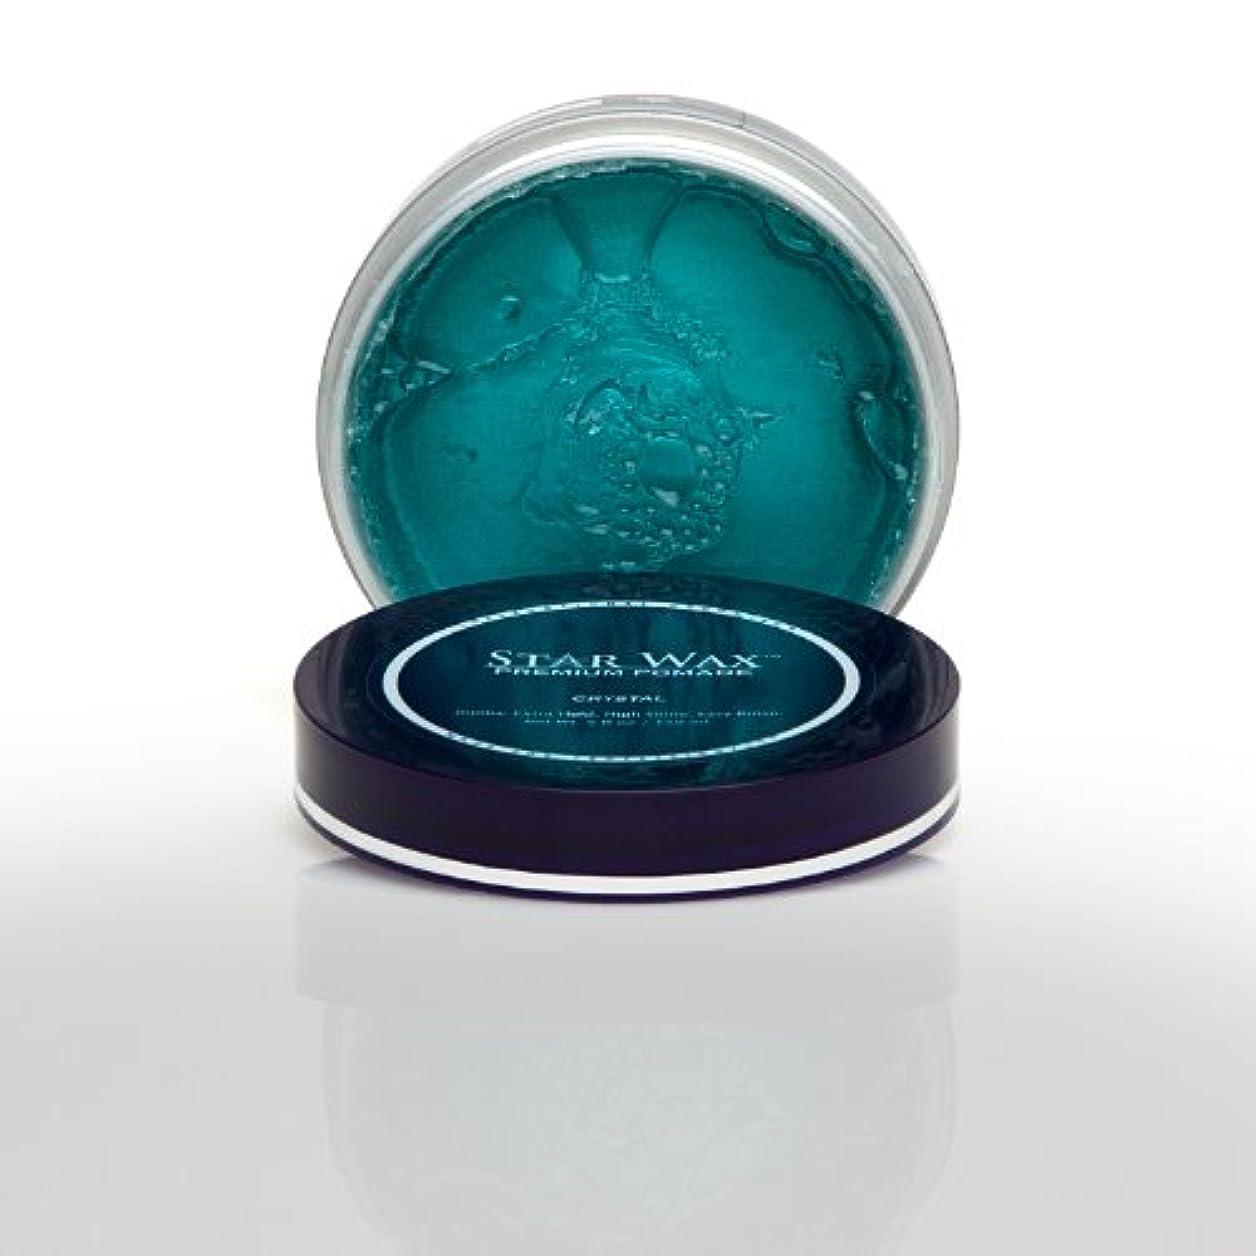 靴聖歌ネックレスStar Wax   Premium Pomade, Crystal(スターワックスプレミアム ポマード「クリスタル」)?Star Pro Line(スタープロライン)製?5(液量)オンス/150ml